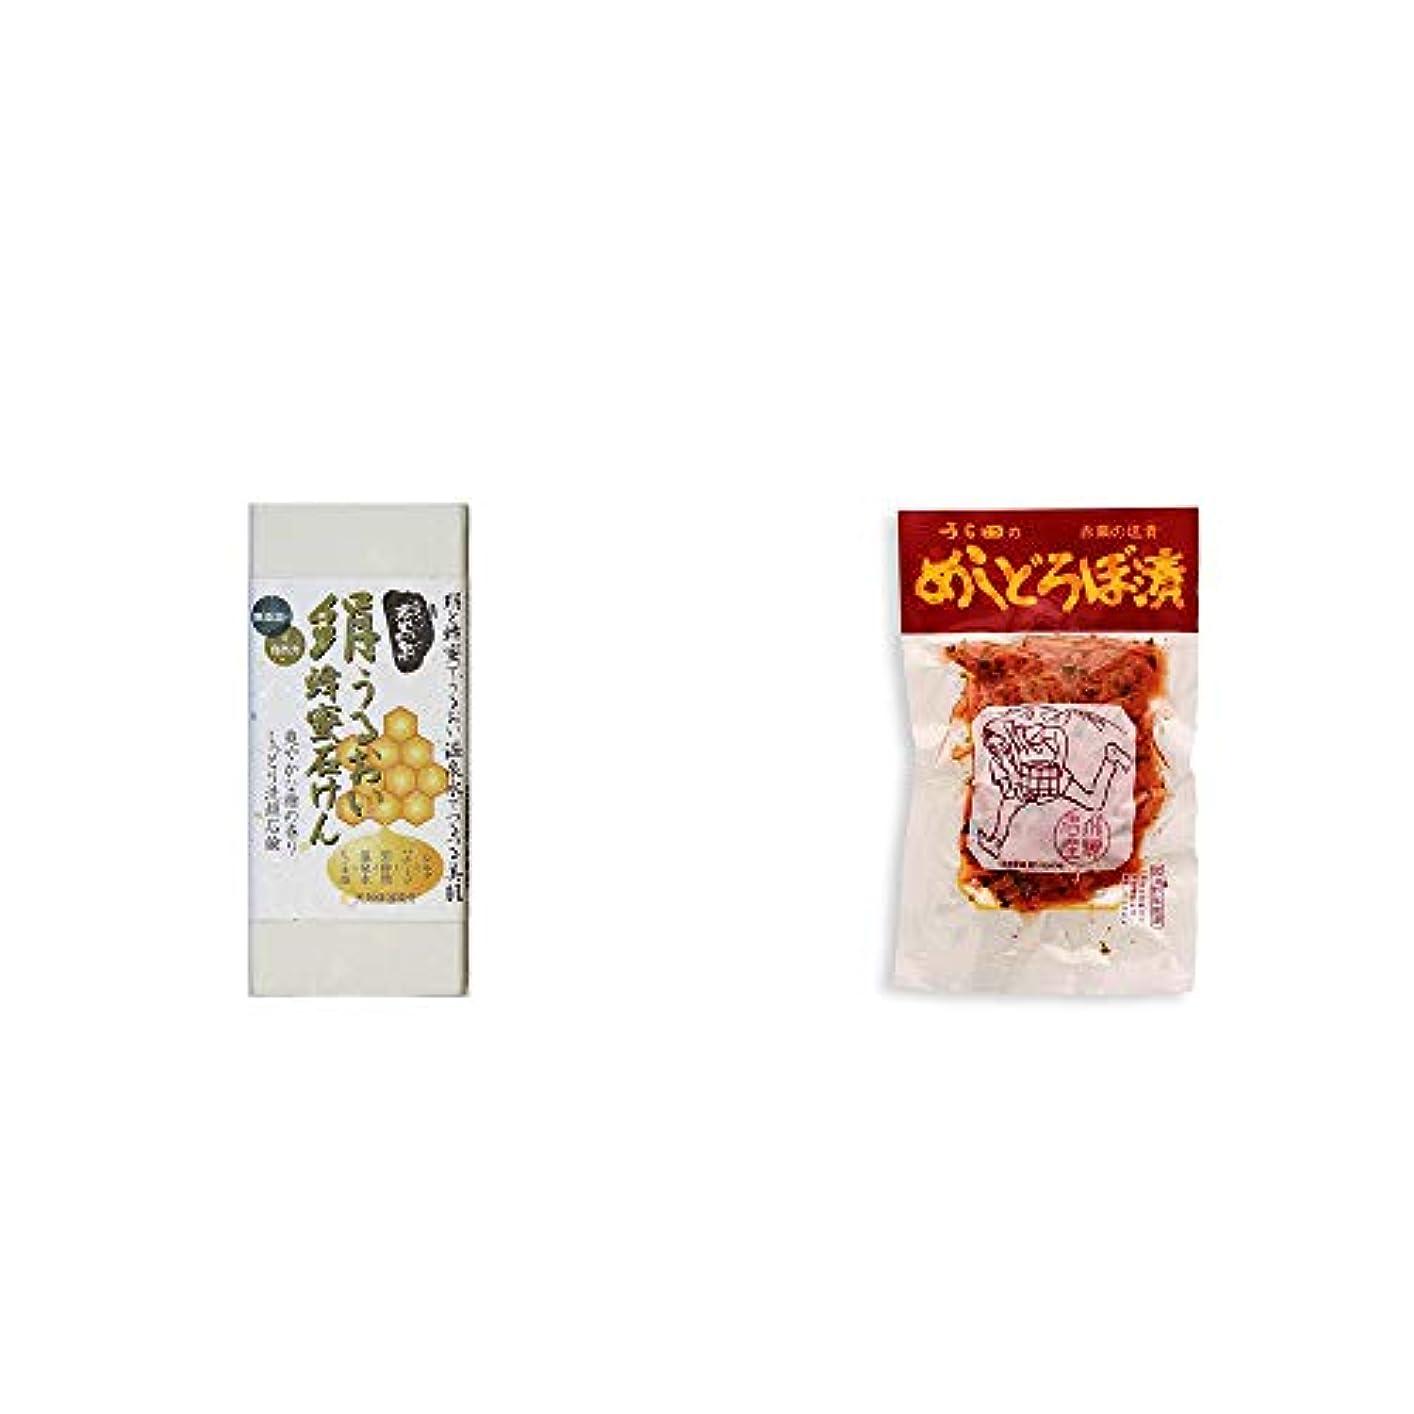 新しさ資料結晶[2点セット] ひのき炭黒泉 絹うるおい蜂蜜石けん(75g×2)?うら田 めしどろぼ漬(180g)